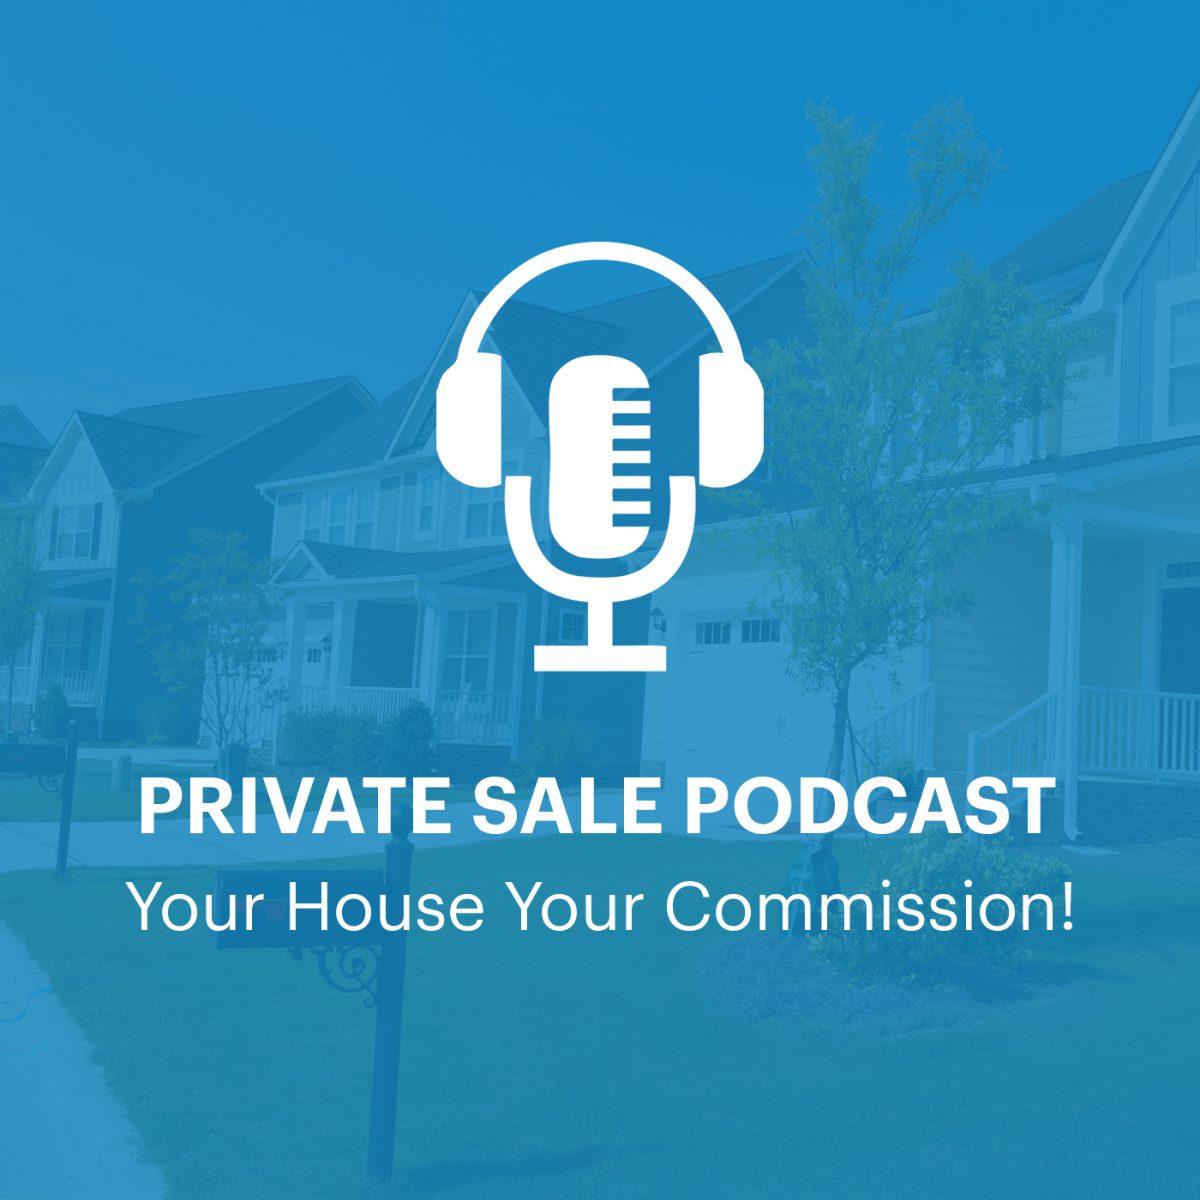 Private Sale Podcast